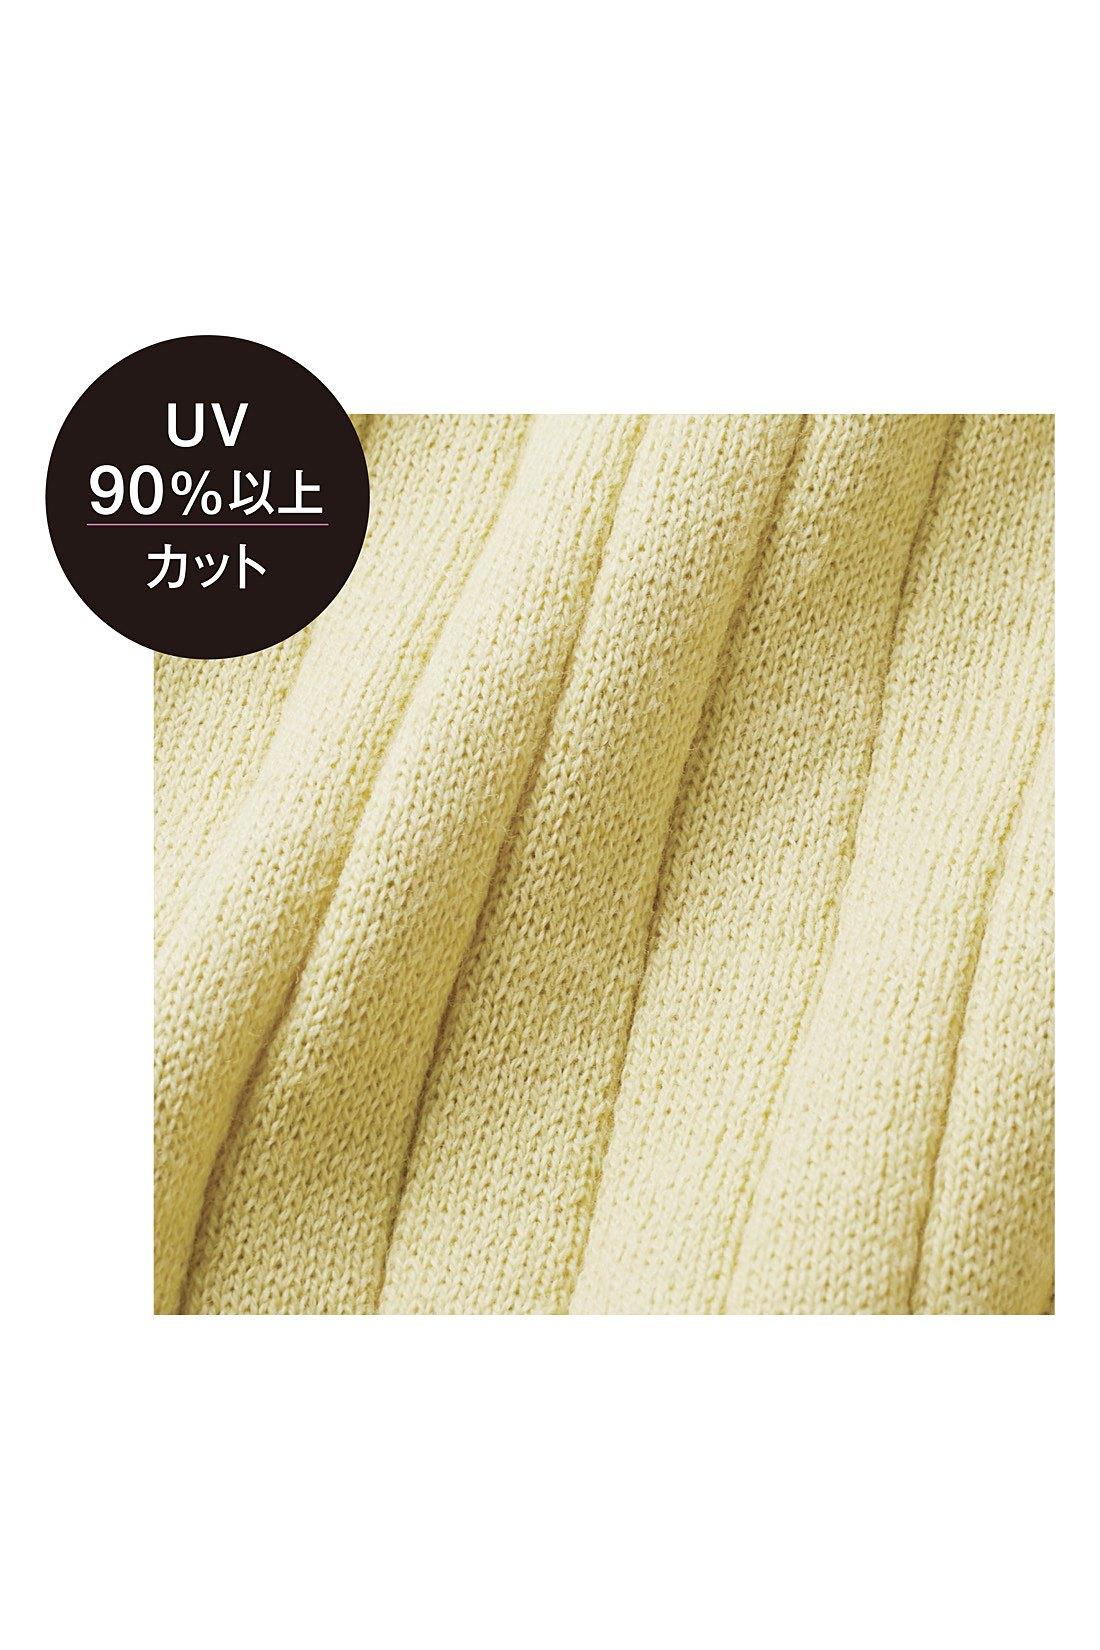 肌ざわりのいい綿混素材はUVカット機能付き。しわになりにくいのでバッグに忍ばせても。